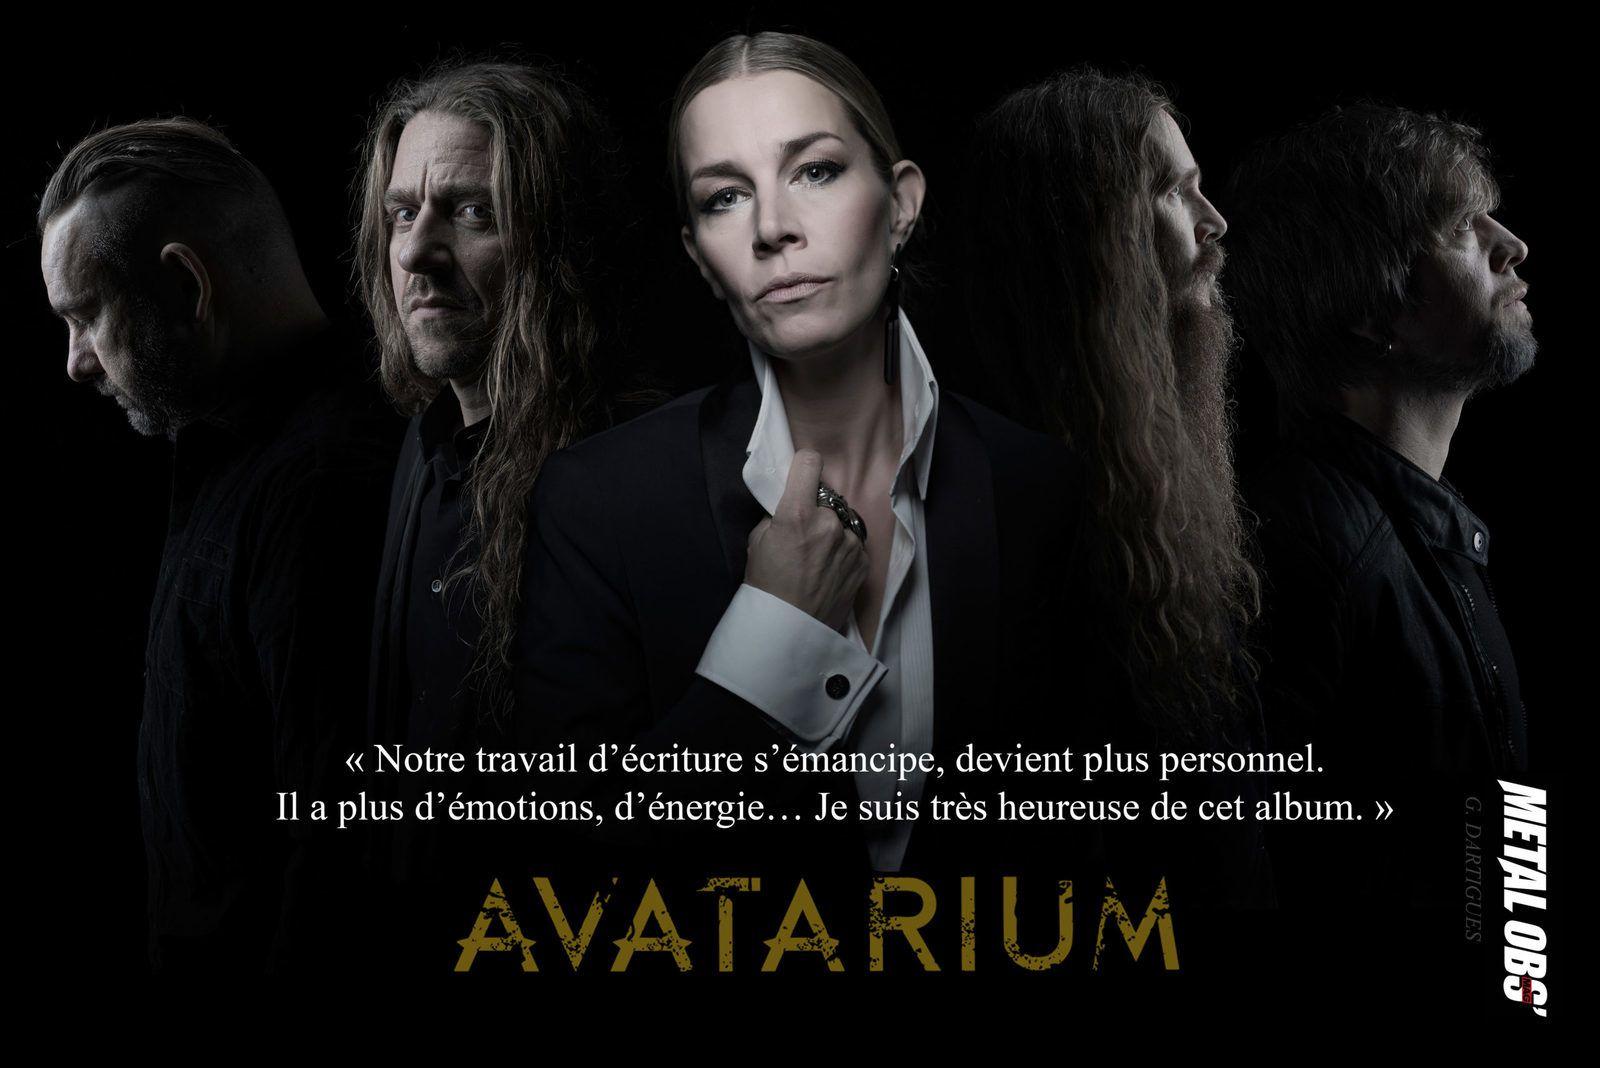 CHRONIQUE DE L'ALBUM D'AVATARIUM THE FIRE I LONG FOR : UN SOMBRE GOSPEL !